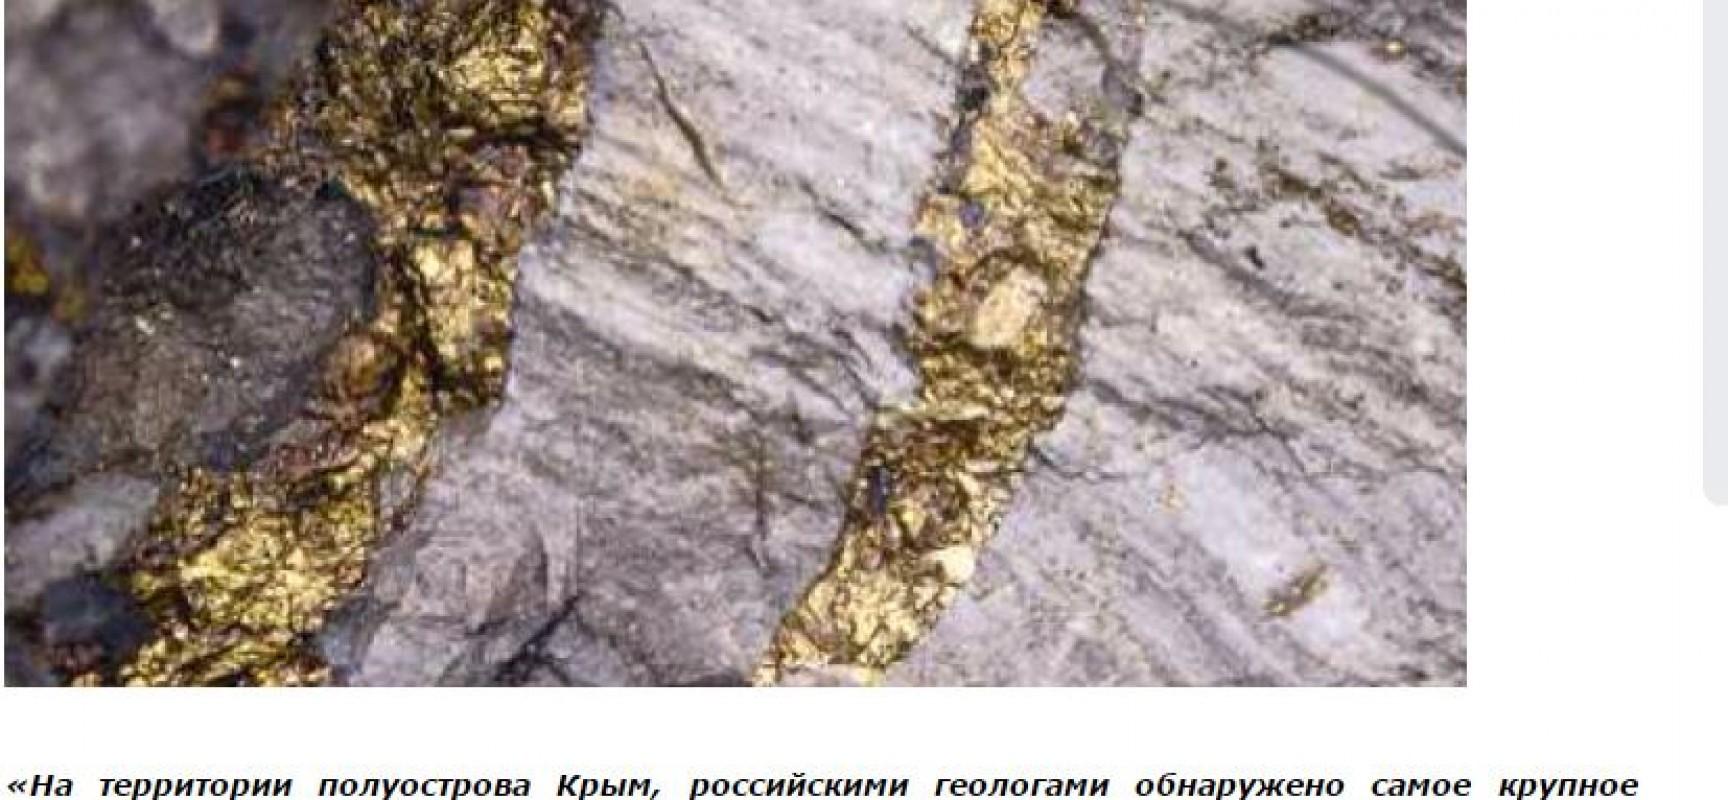 Fake : Bloomberg annuncia la scoperta di un enorme giacimento d'oro in Crimea